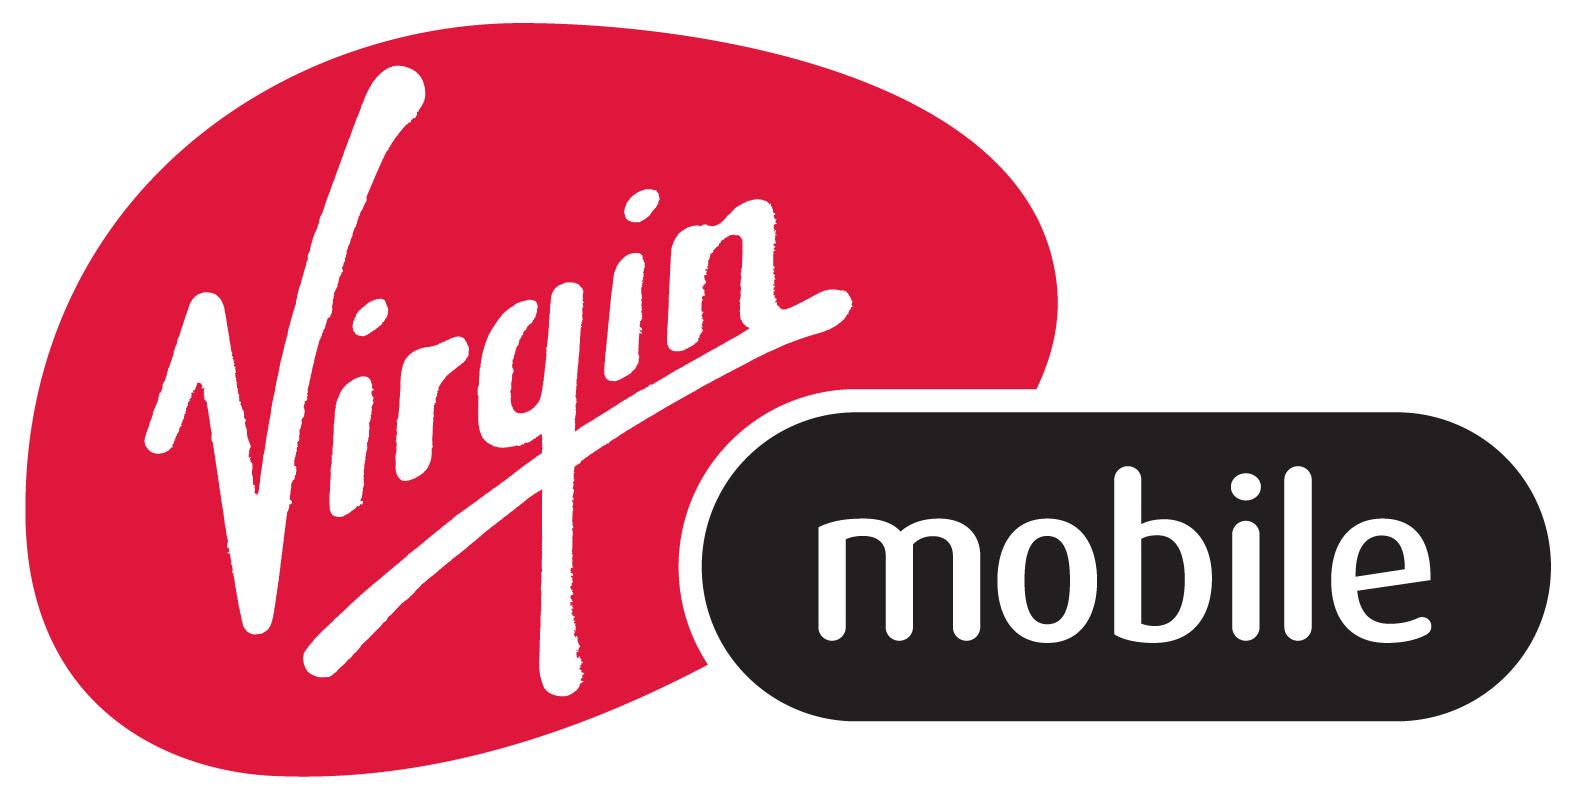 vector logos high resolution logos logo designs virgin